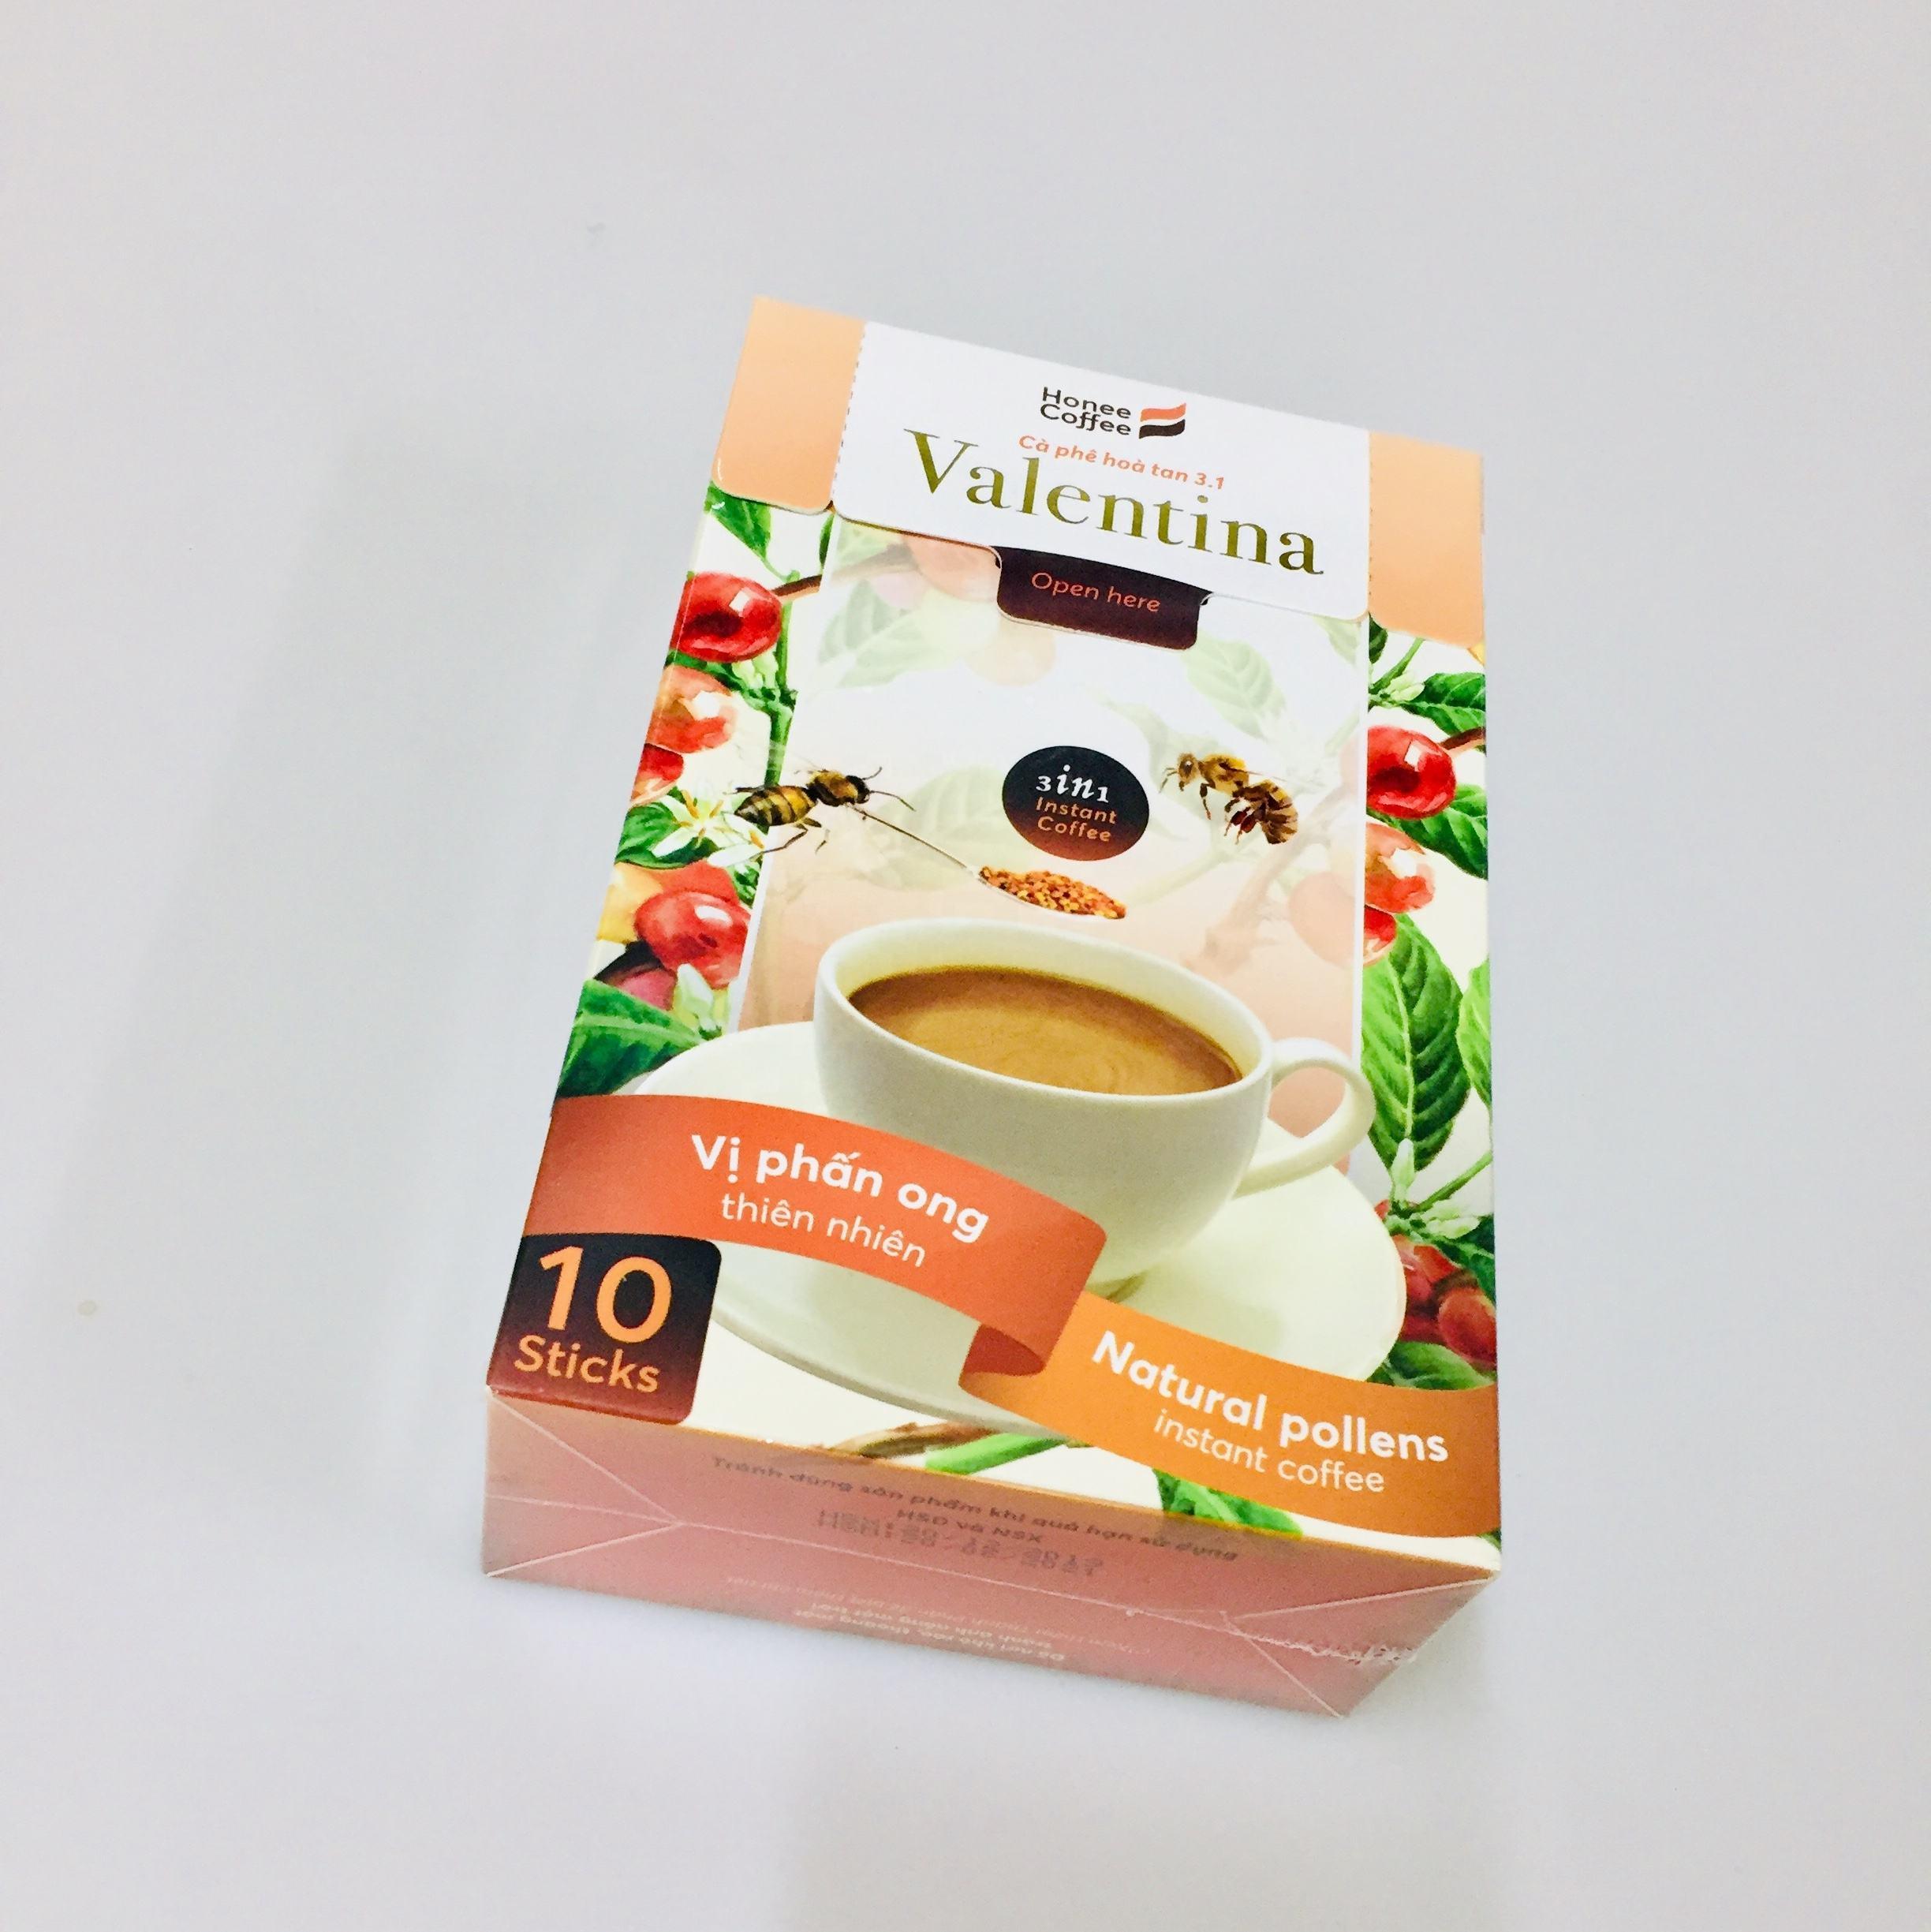 Honee marca de café-café instantáneo 3in1 café natural con el polen de abeja de Vietnam